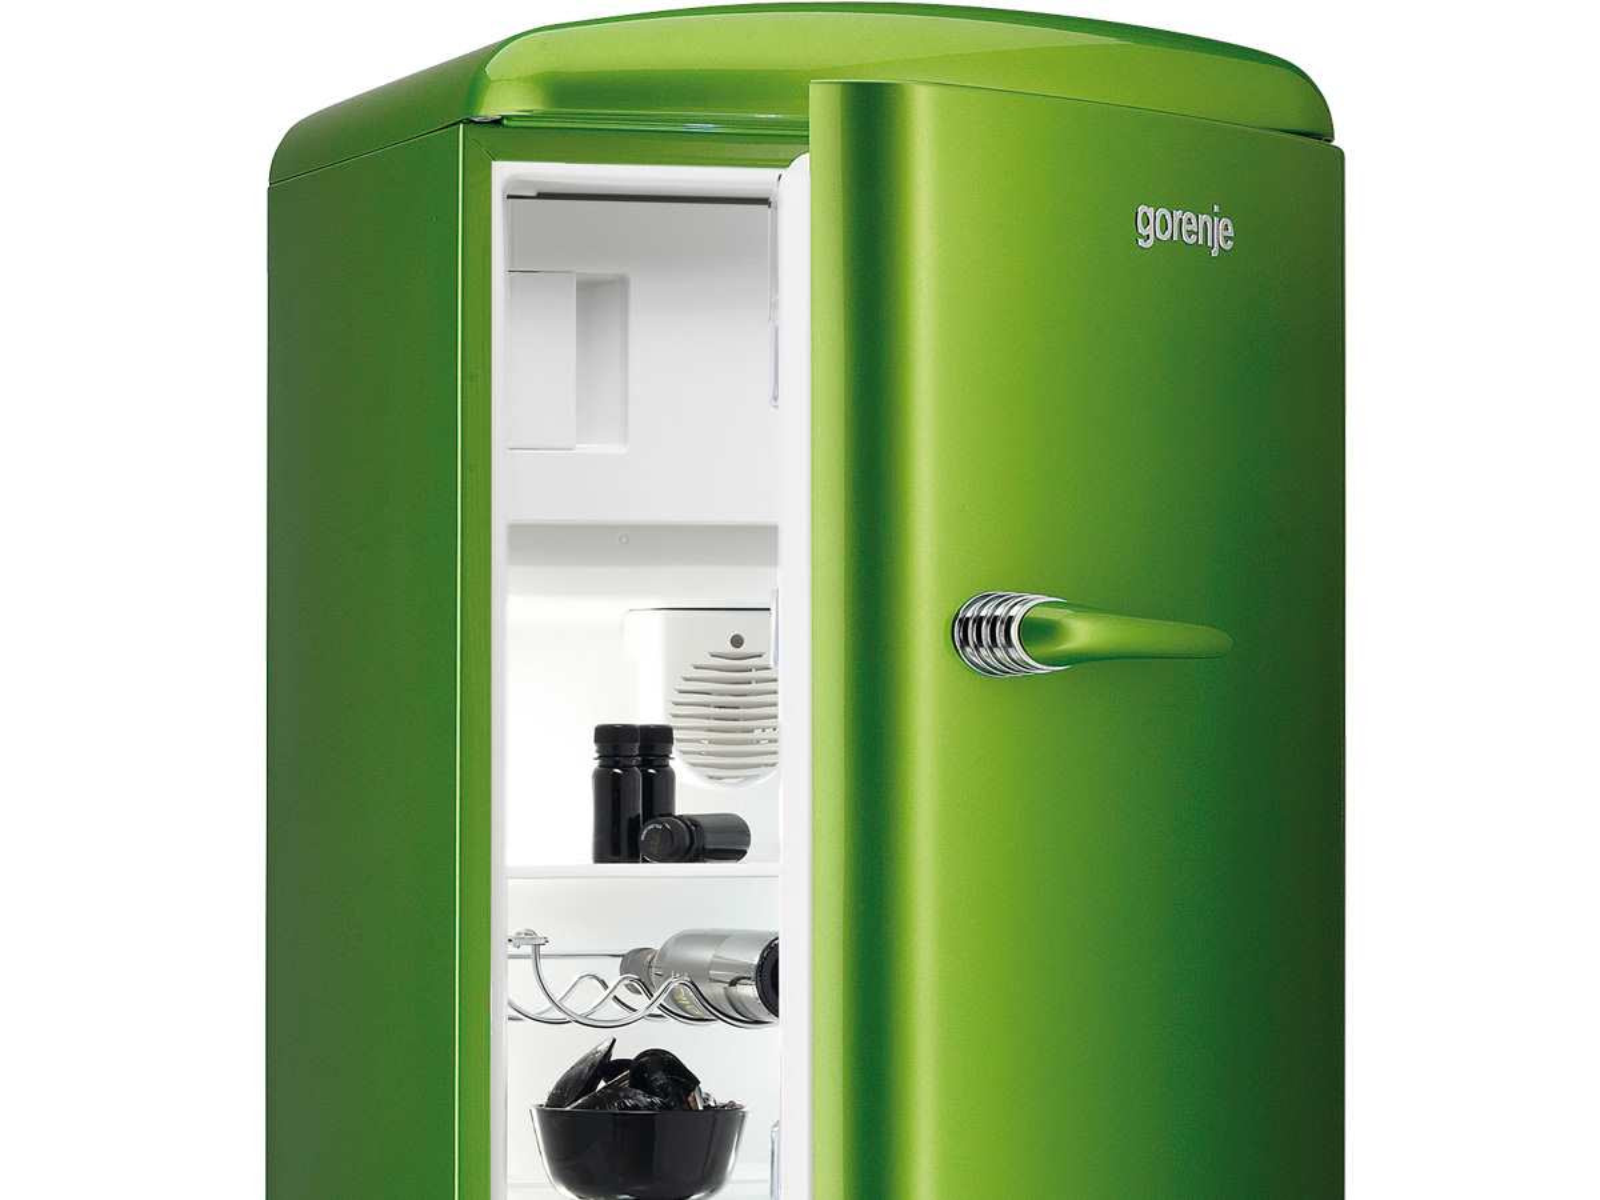 Gorenje Kühlschrank Mint : Retro kühlschrank grün kühlschrank modelle